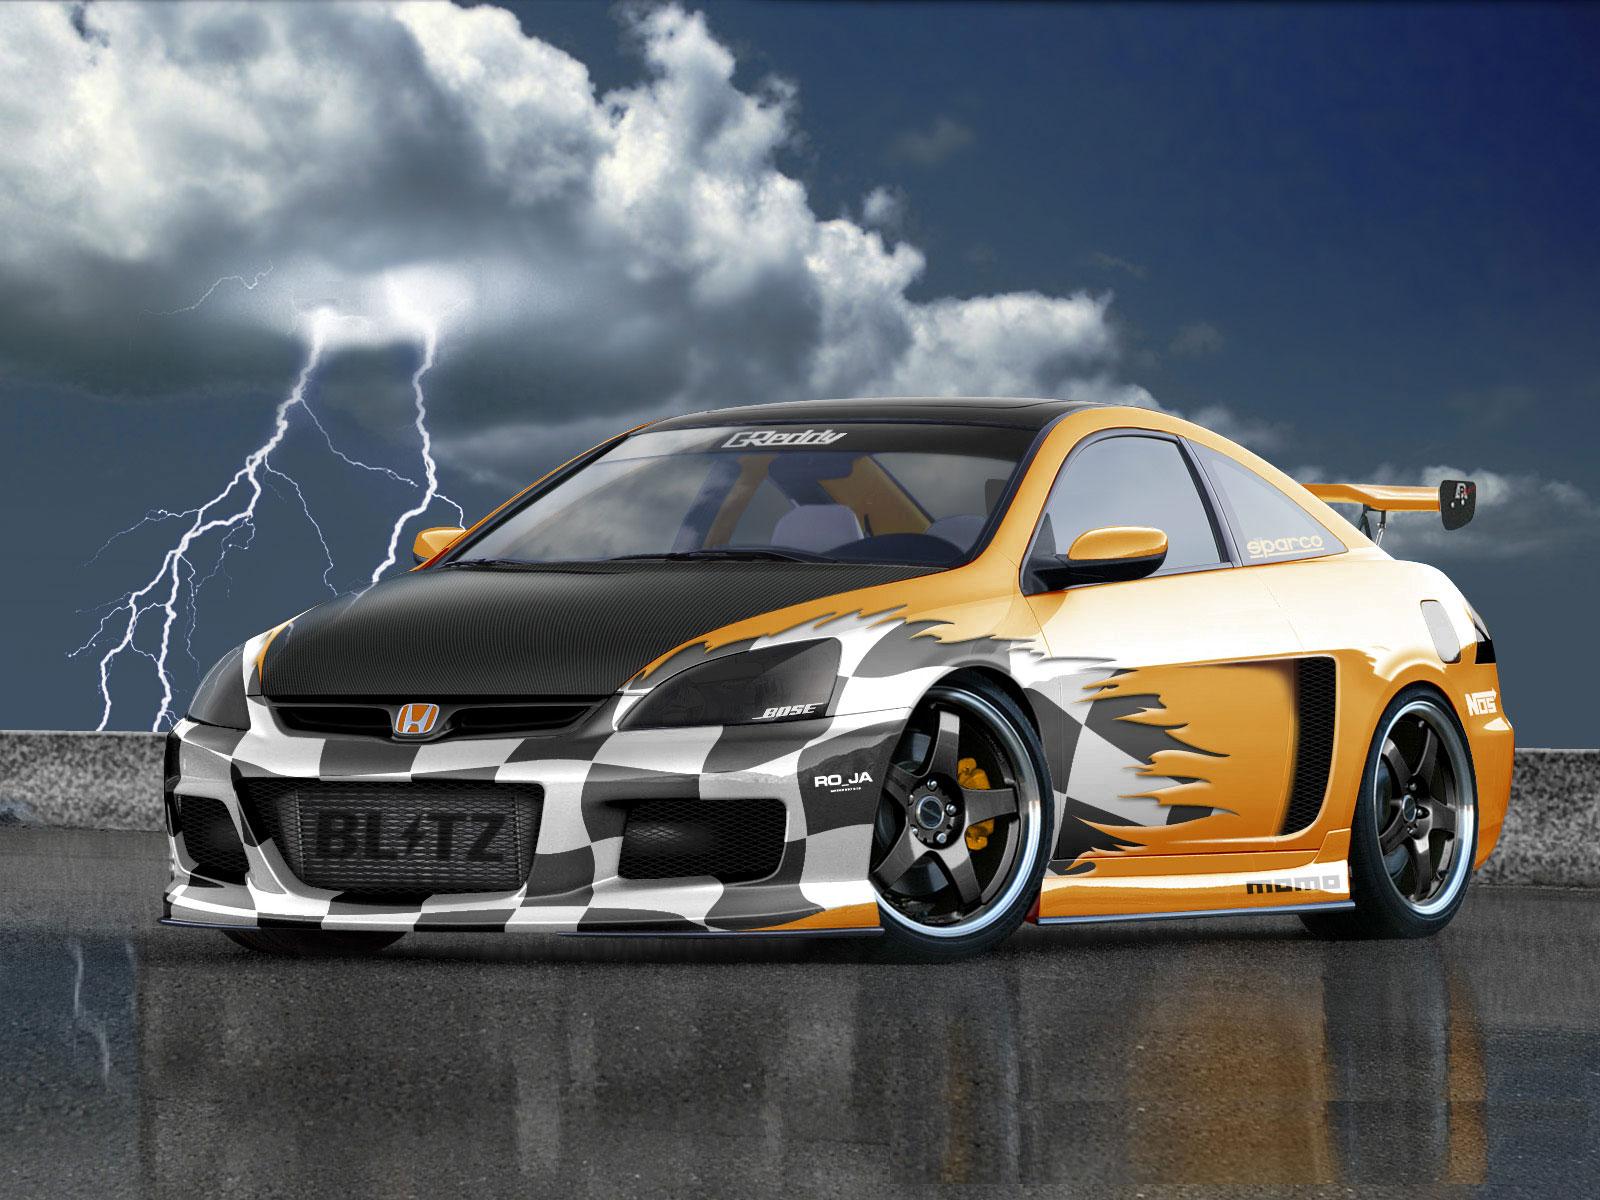 http://2.bp.blogspot.com/-2RiUJ-GgeeU/Tikh6J-uZzI/AAAAAAAAAGY/REX6v-uYfXY/s1600/Best+Car+Wallpapers.jpg